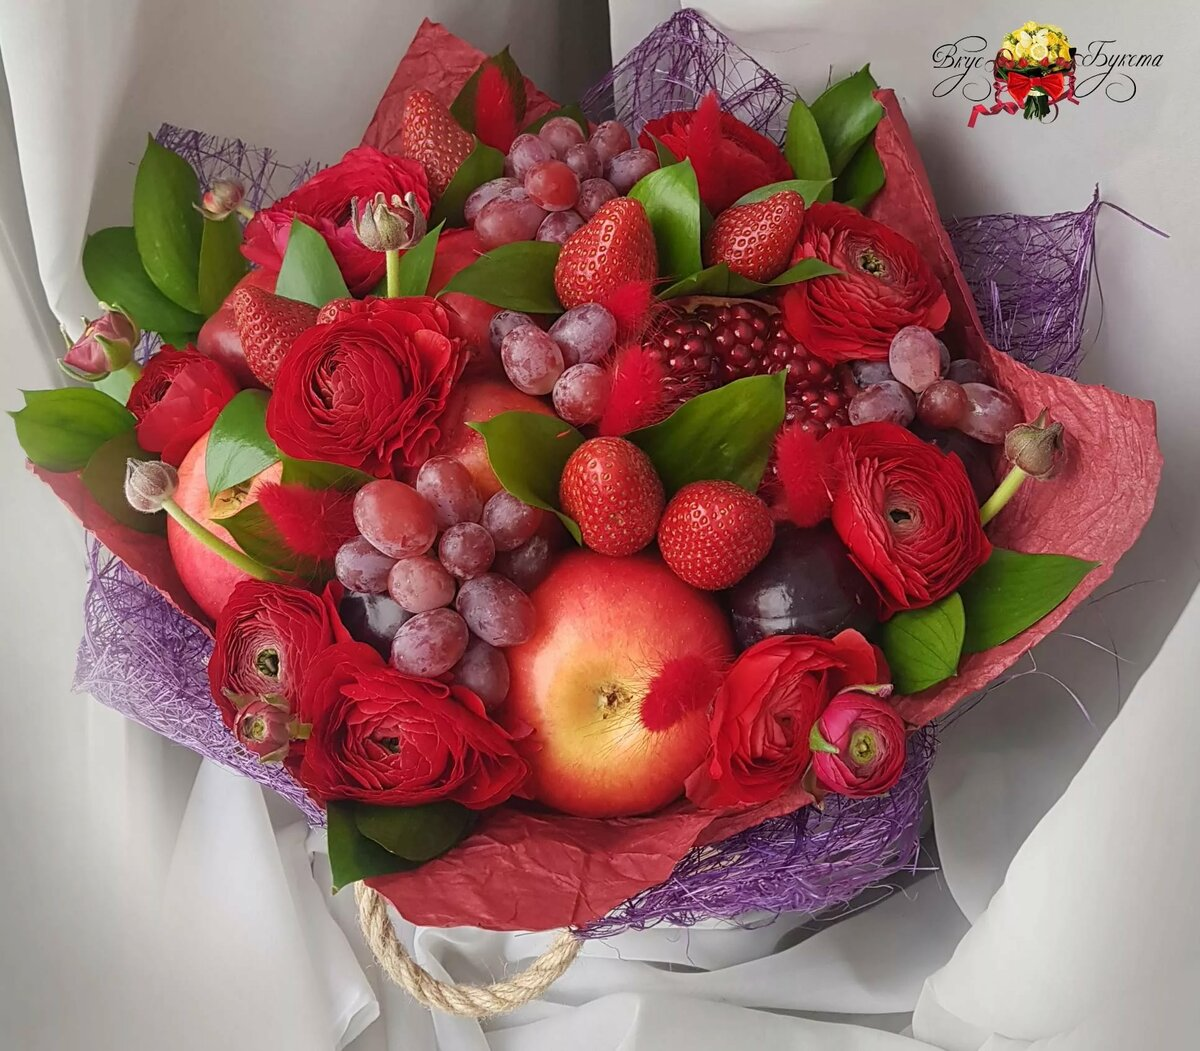 Картинки цветы и фрукты с днем рождения, открытка новым годом